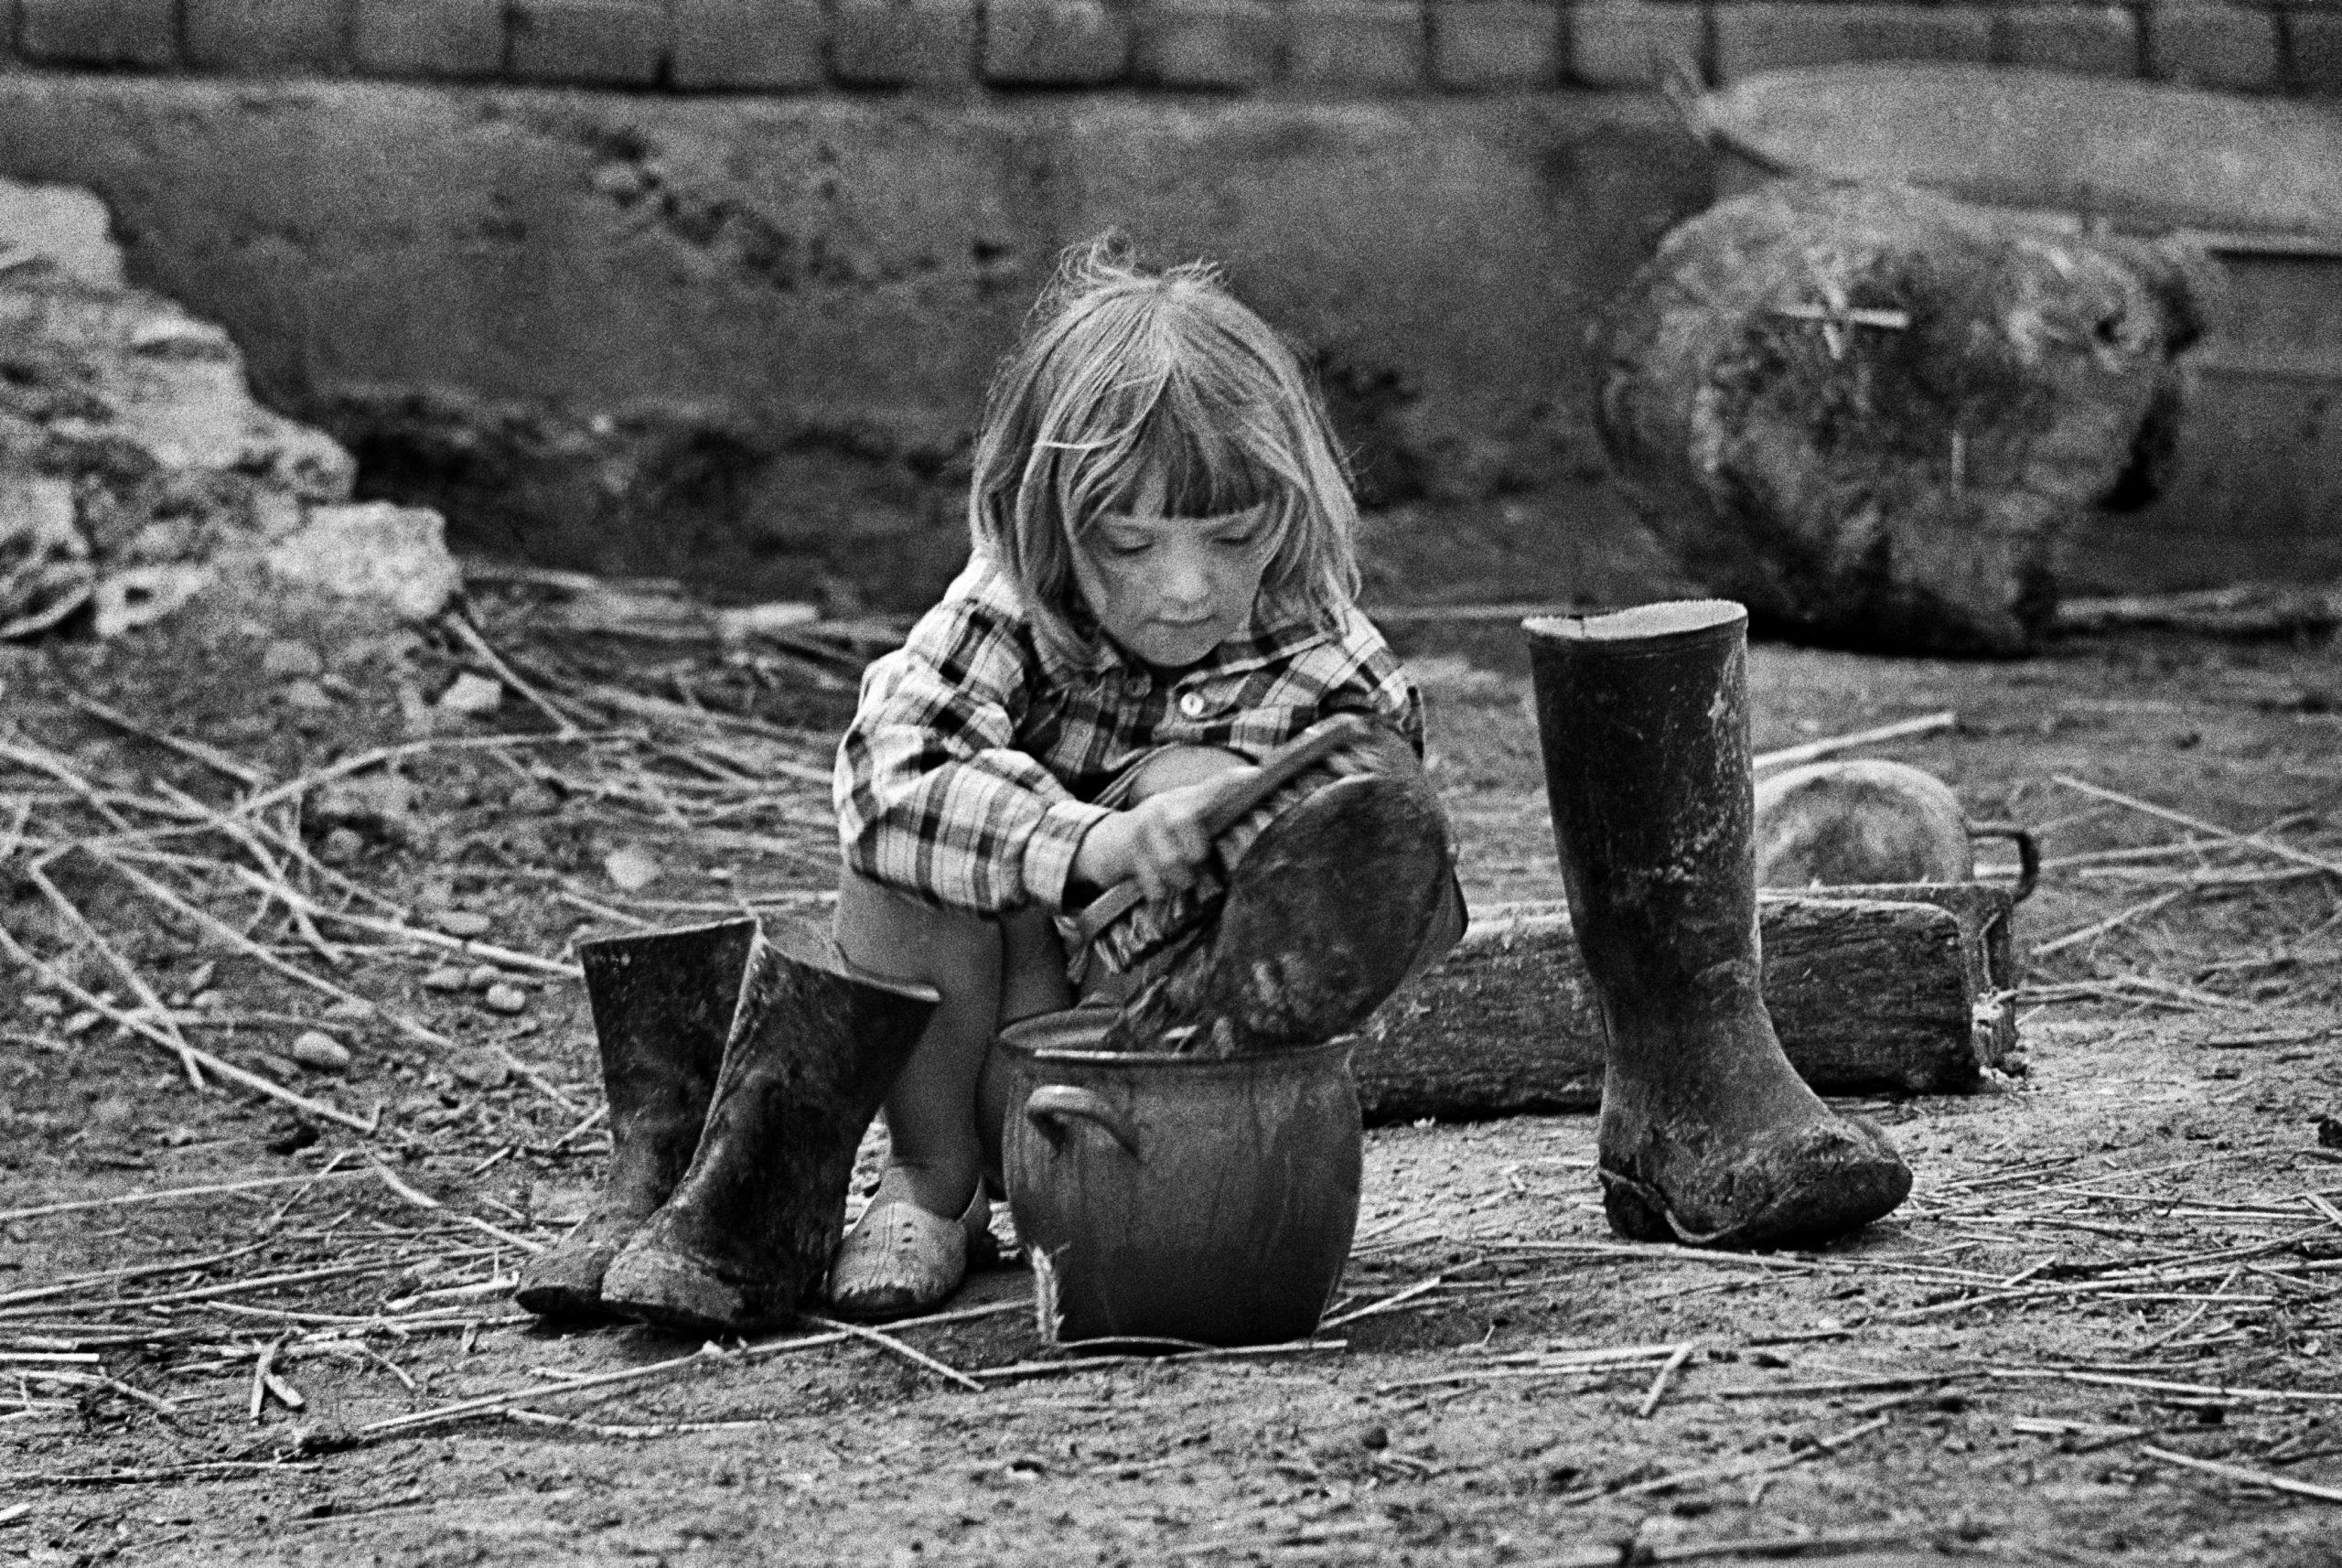 Piekary, Małopolska, 05.1968. Ludzie na wsi, dziewczynka czyści kalosze. Fot. Aleksander Jałosiński/FORUM